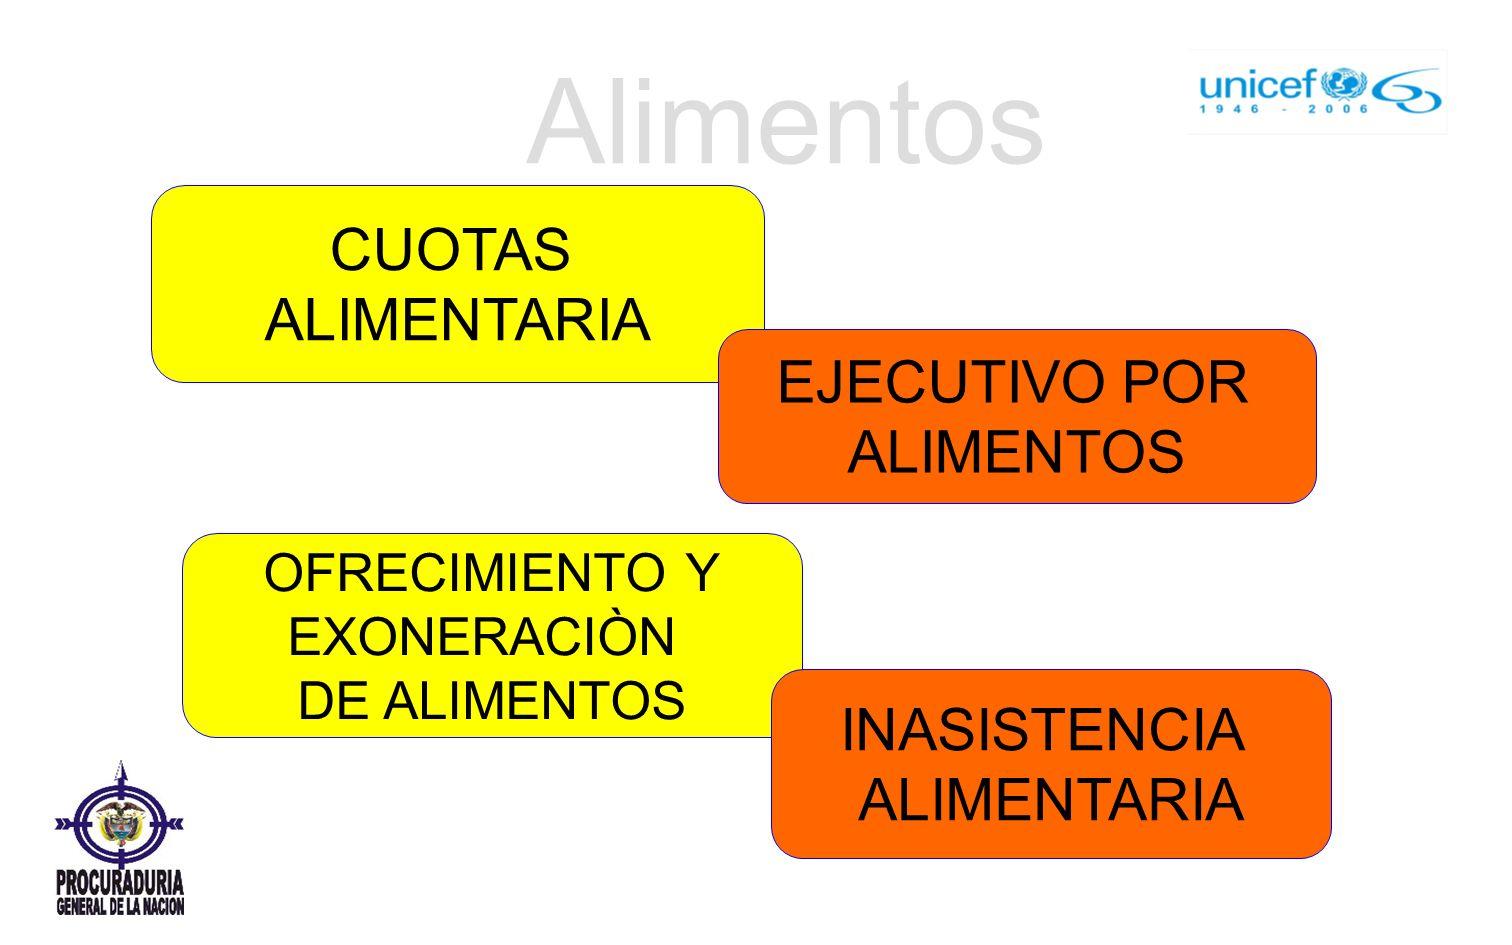 CUOTAS ALIMENTARIA Alimentos EJECUTIVO POR ALIMENTOS OFRECIMIENTO Y EXONERACIÒN DE ALIMENTOS INASISTENCIA ALIMENTARIA